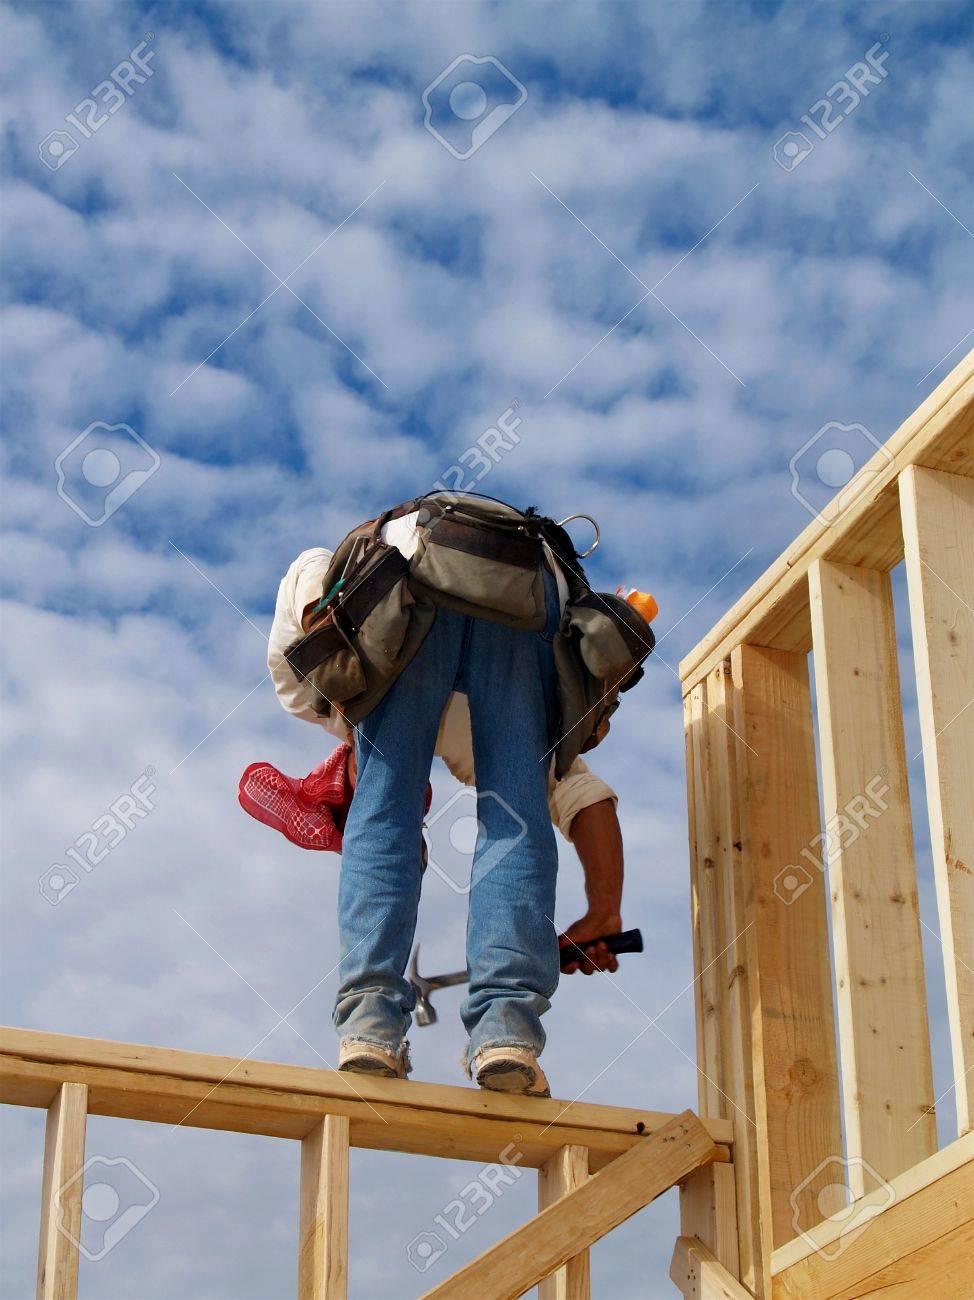 Ein Mann Steht An Der Wand Rahmen Eines Hauses. Sein Rücken Ist Vor ...